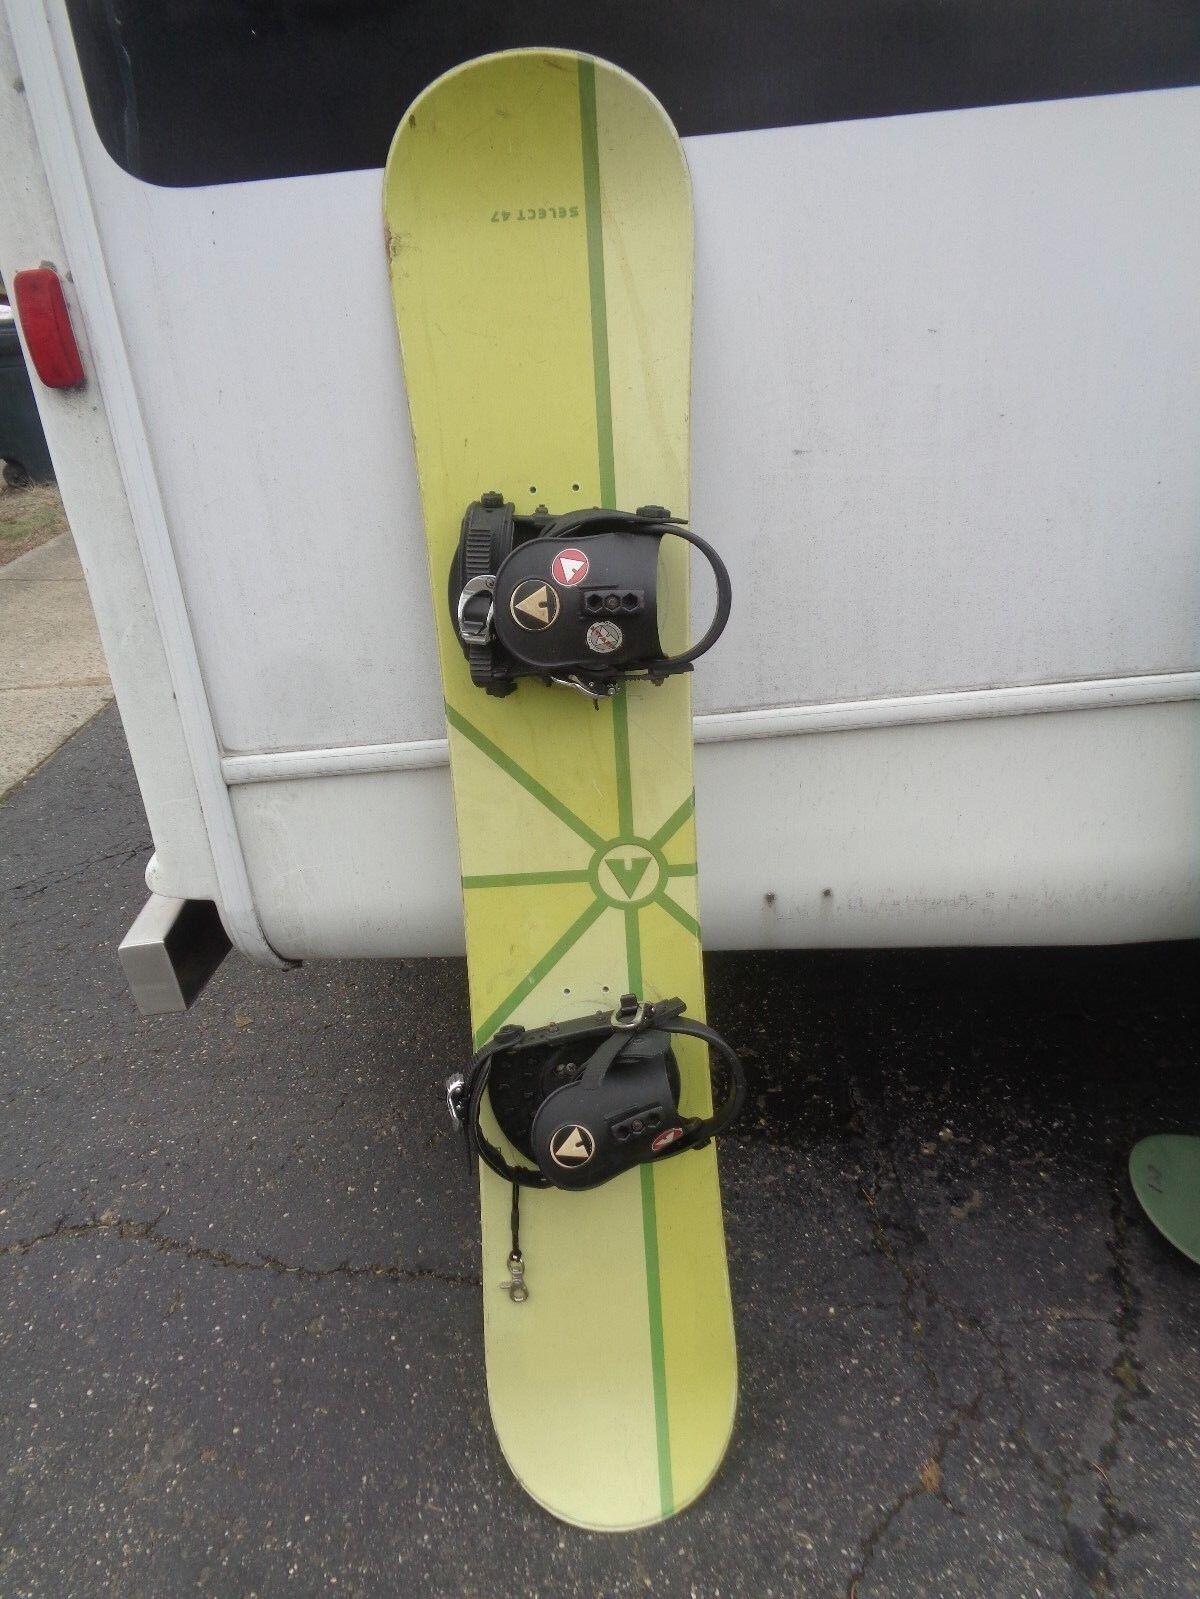 Airwalk Select 47 Snowboard with Airwalk Bindings, Length 147 cm